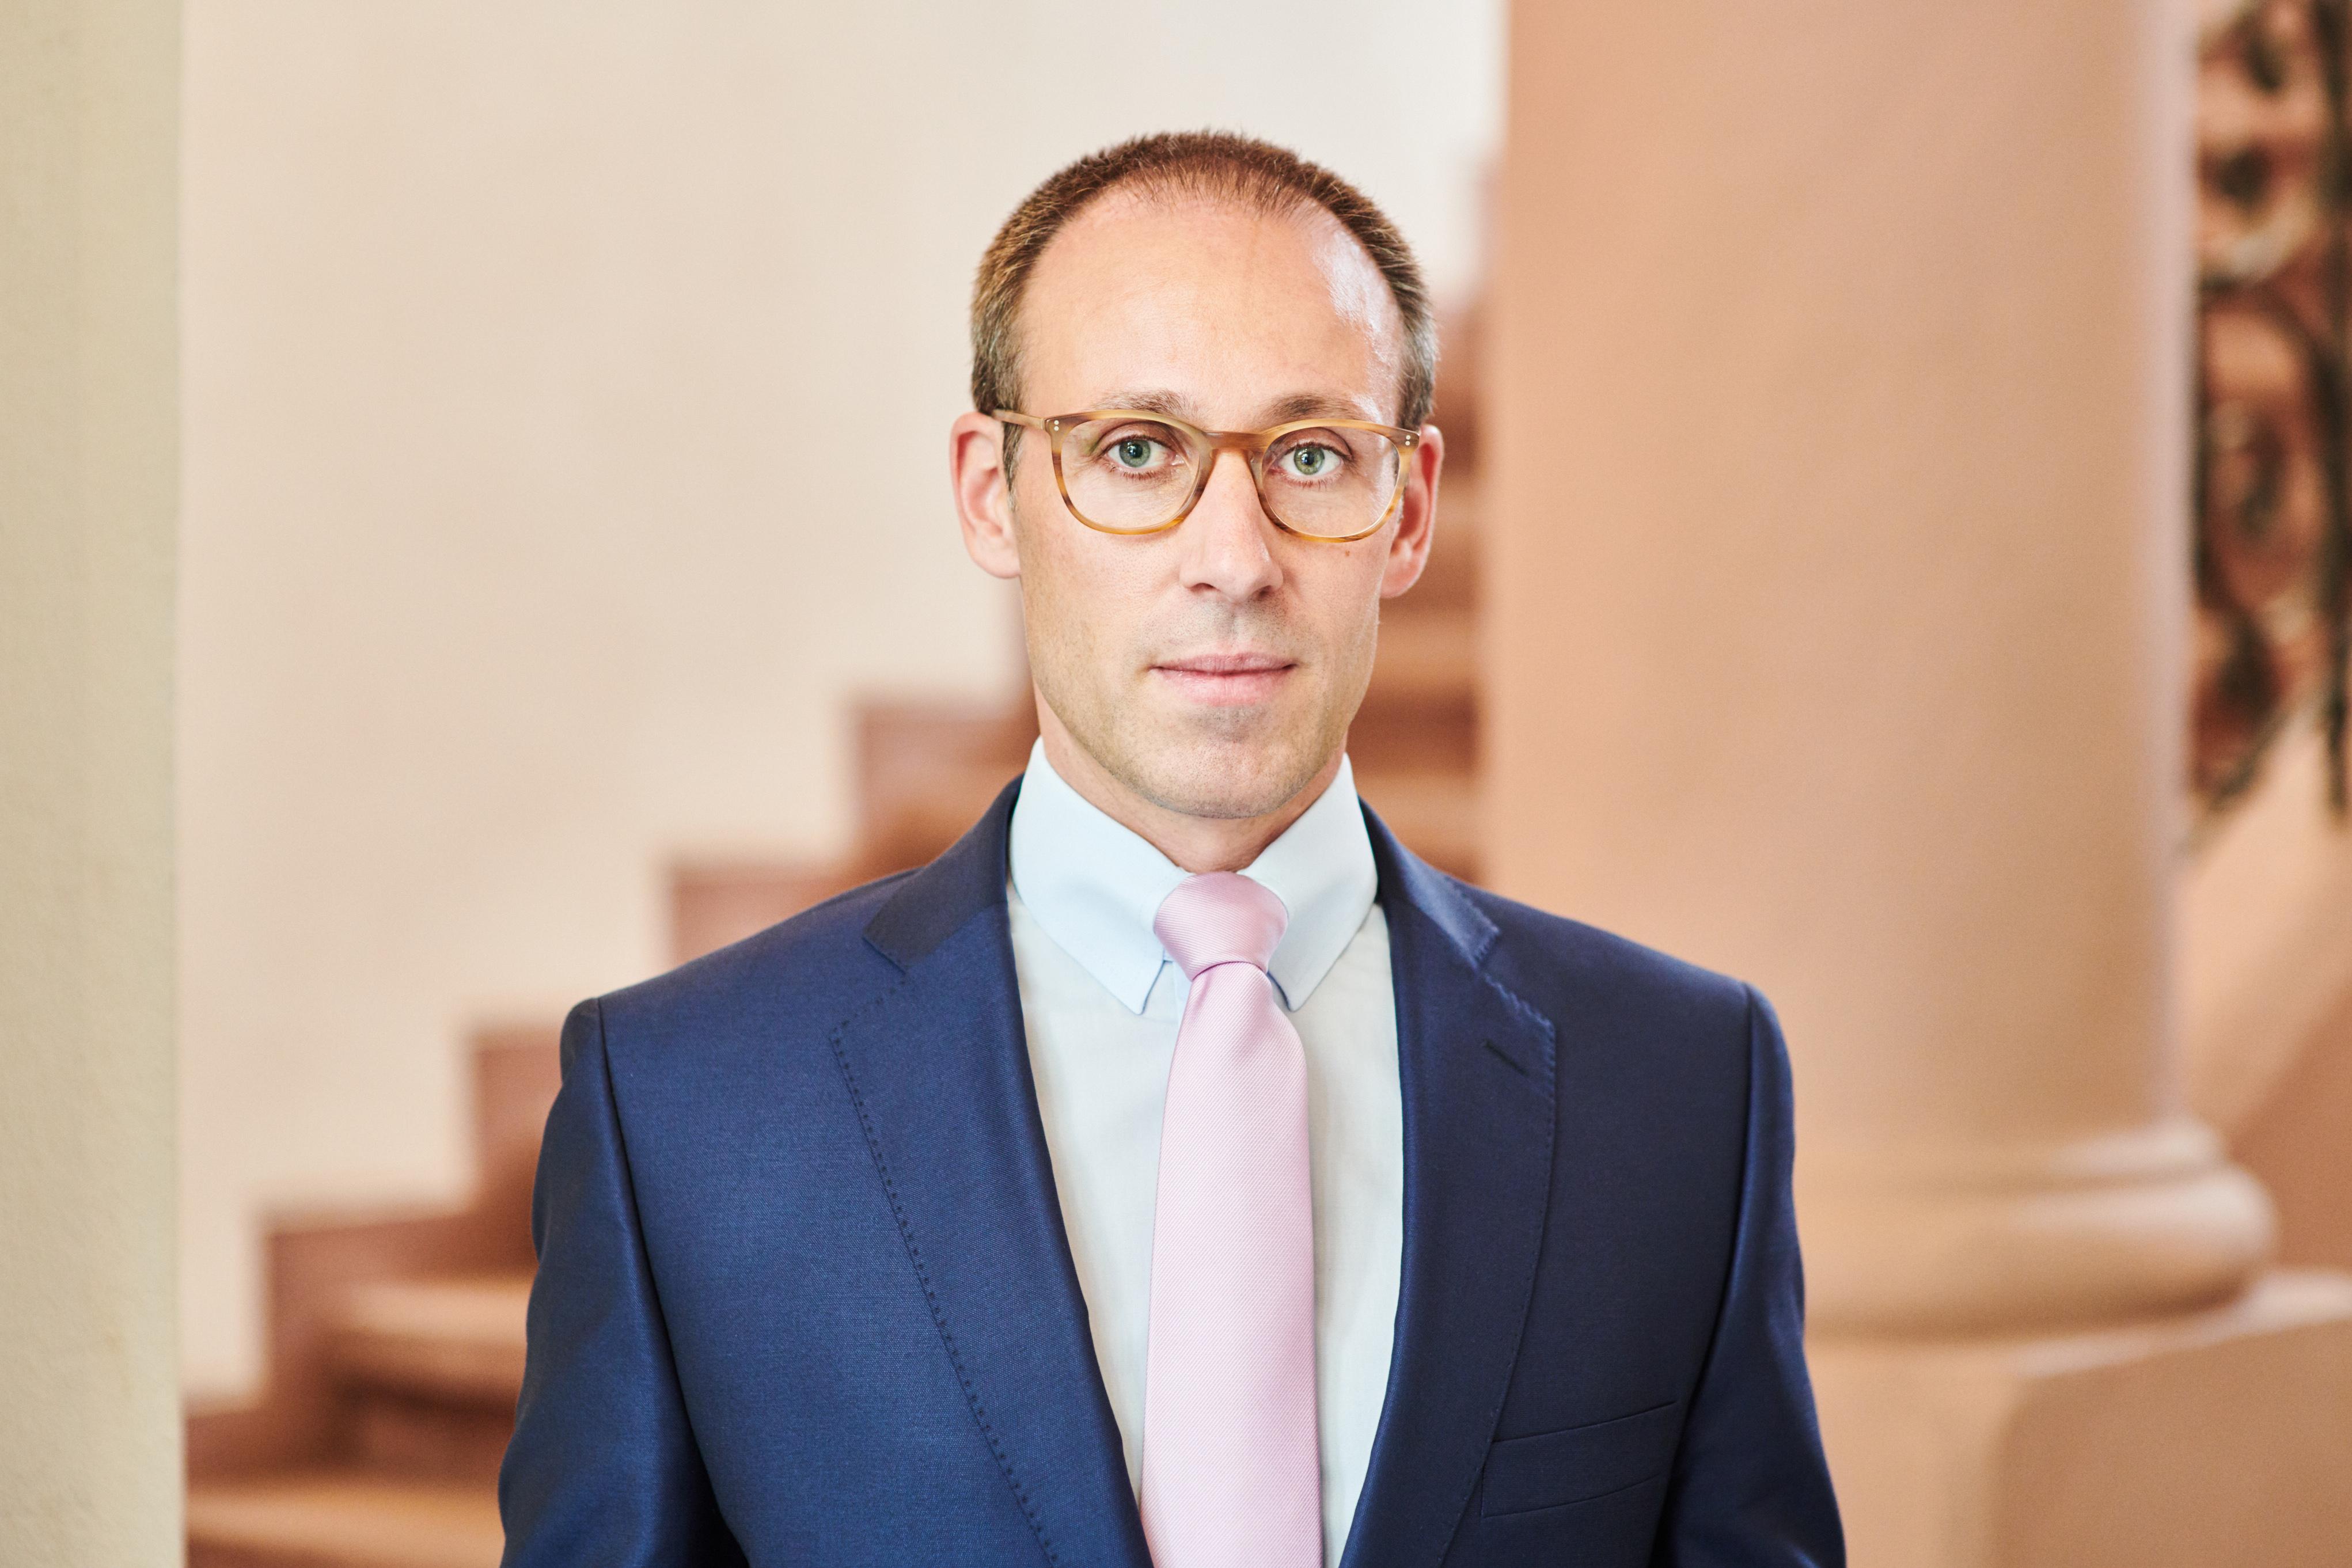 Jonas Eckhardt Partner für Corporate Finance bei der Falkensteg GmbH